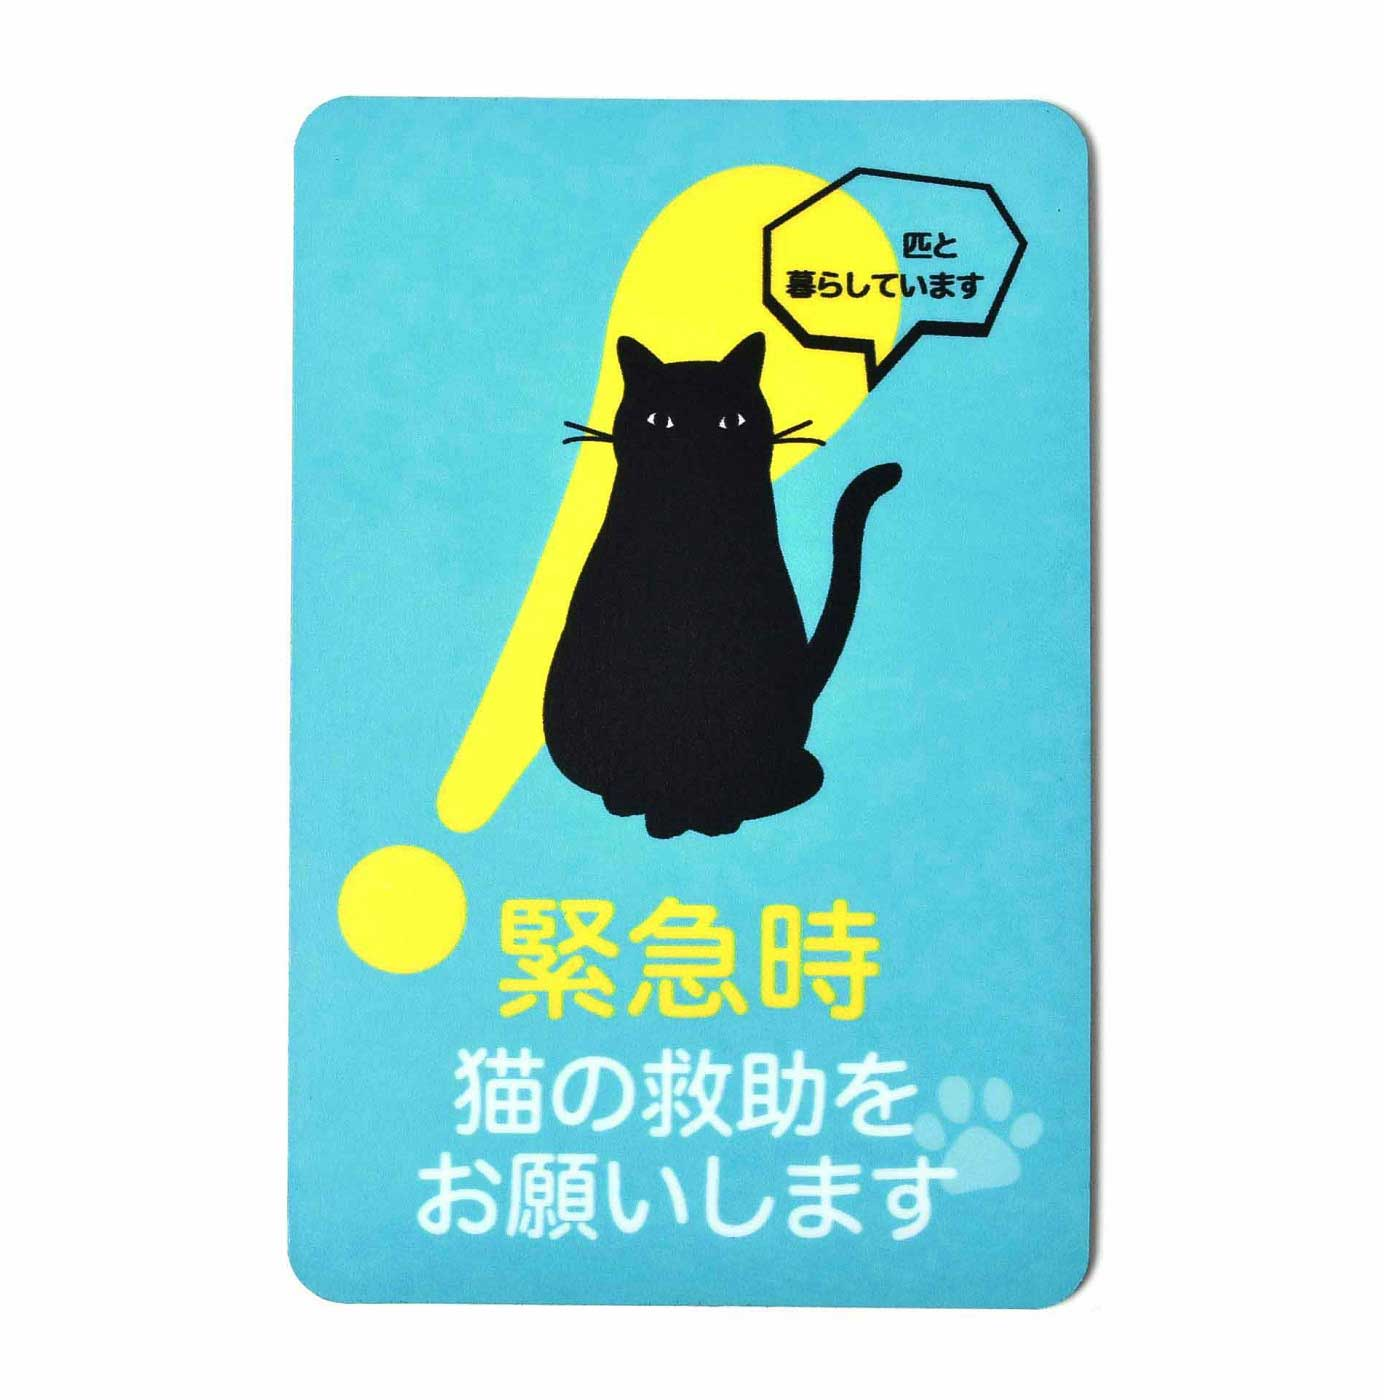 もしものお願いステッカー いざという時に助けてもらえるように、猫がいることを周囲にさりげなく伝えます。油性ペンで猫さんの数を書き込めます。